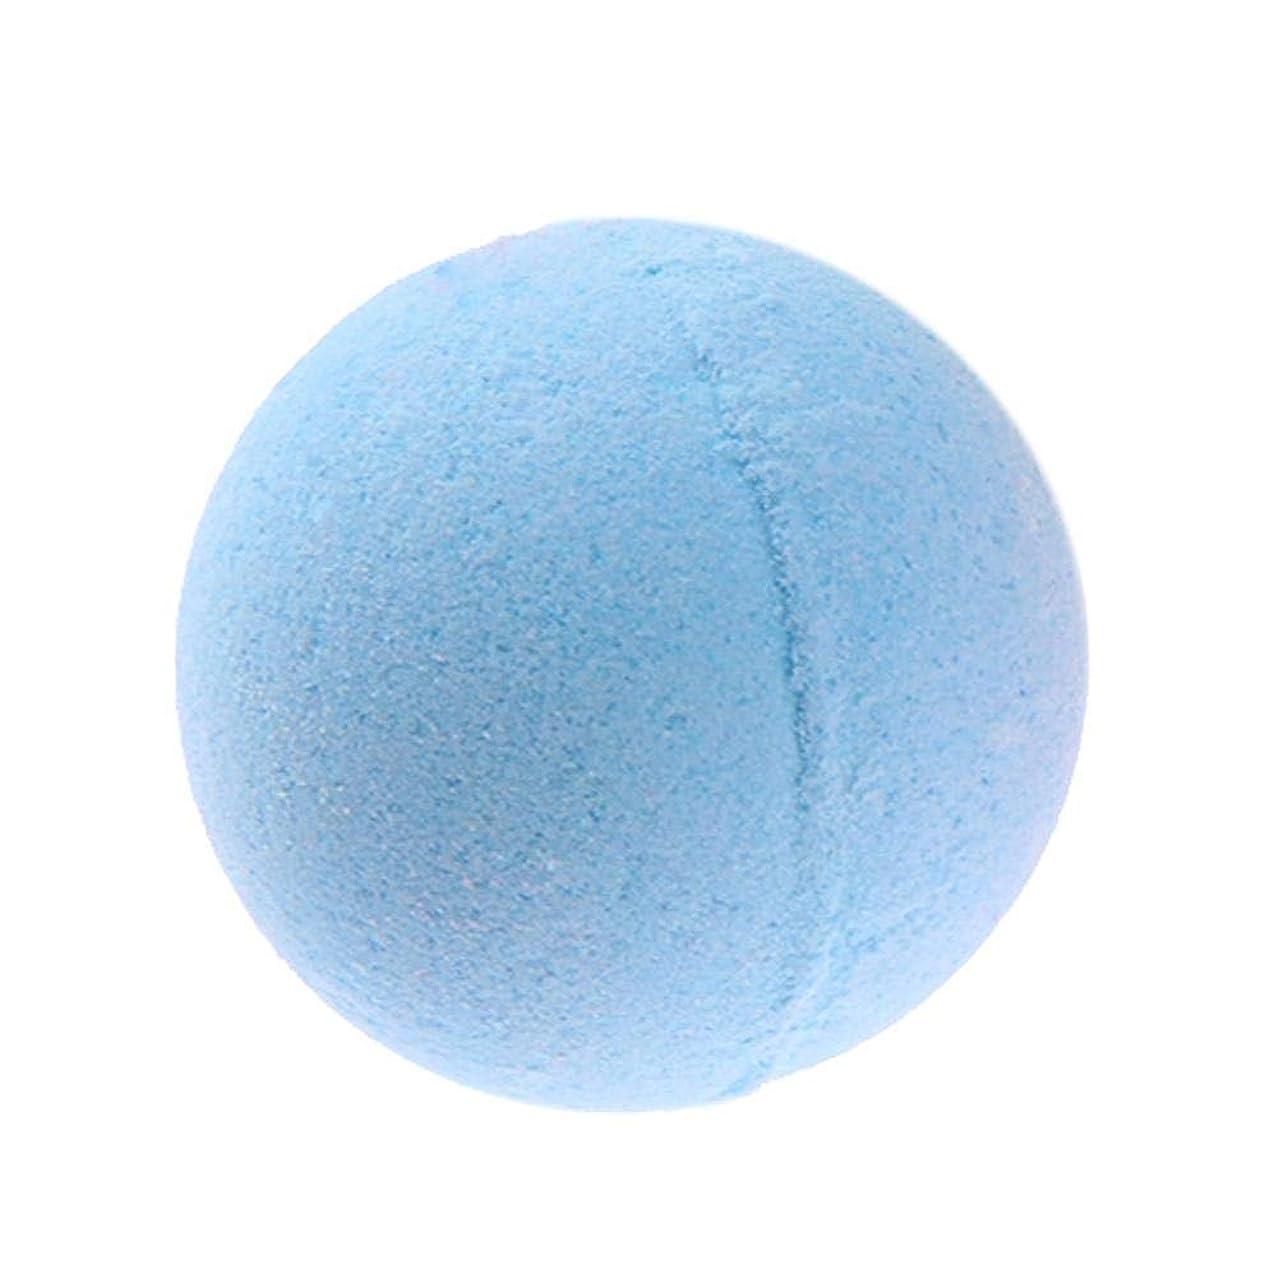 暴行歪める樹皮バスボール ボディスキンホワイトニング バスソルト リラックス ストレスリリーフ バブルシャワー 爆弾ボール 1pc Lushandy